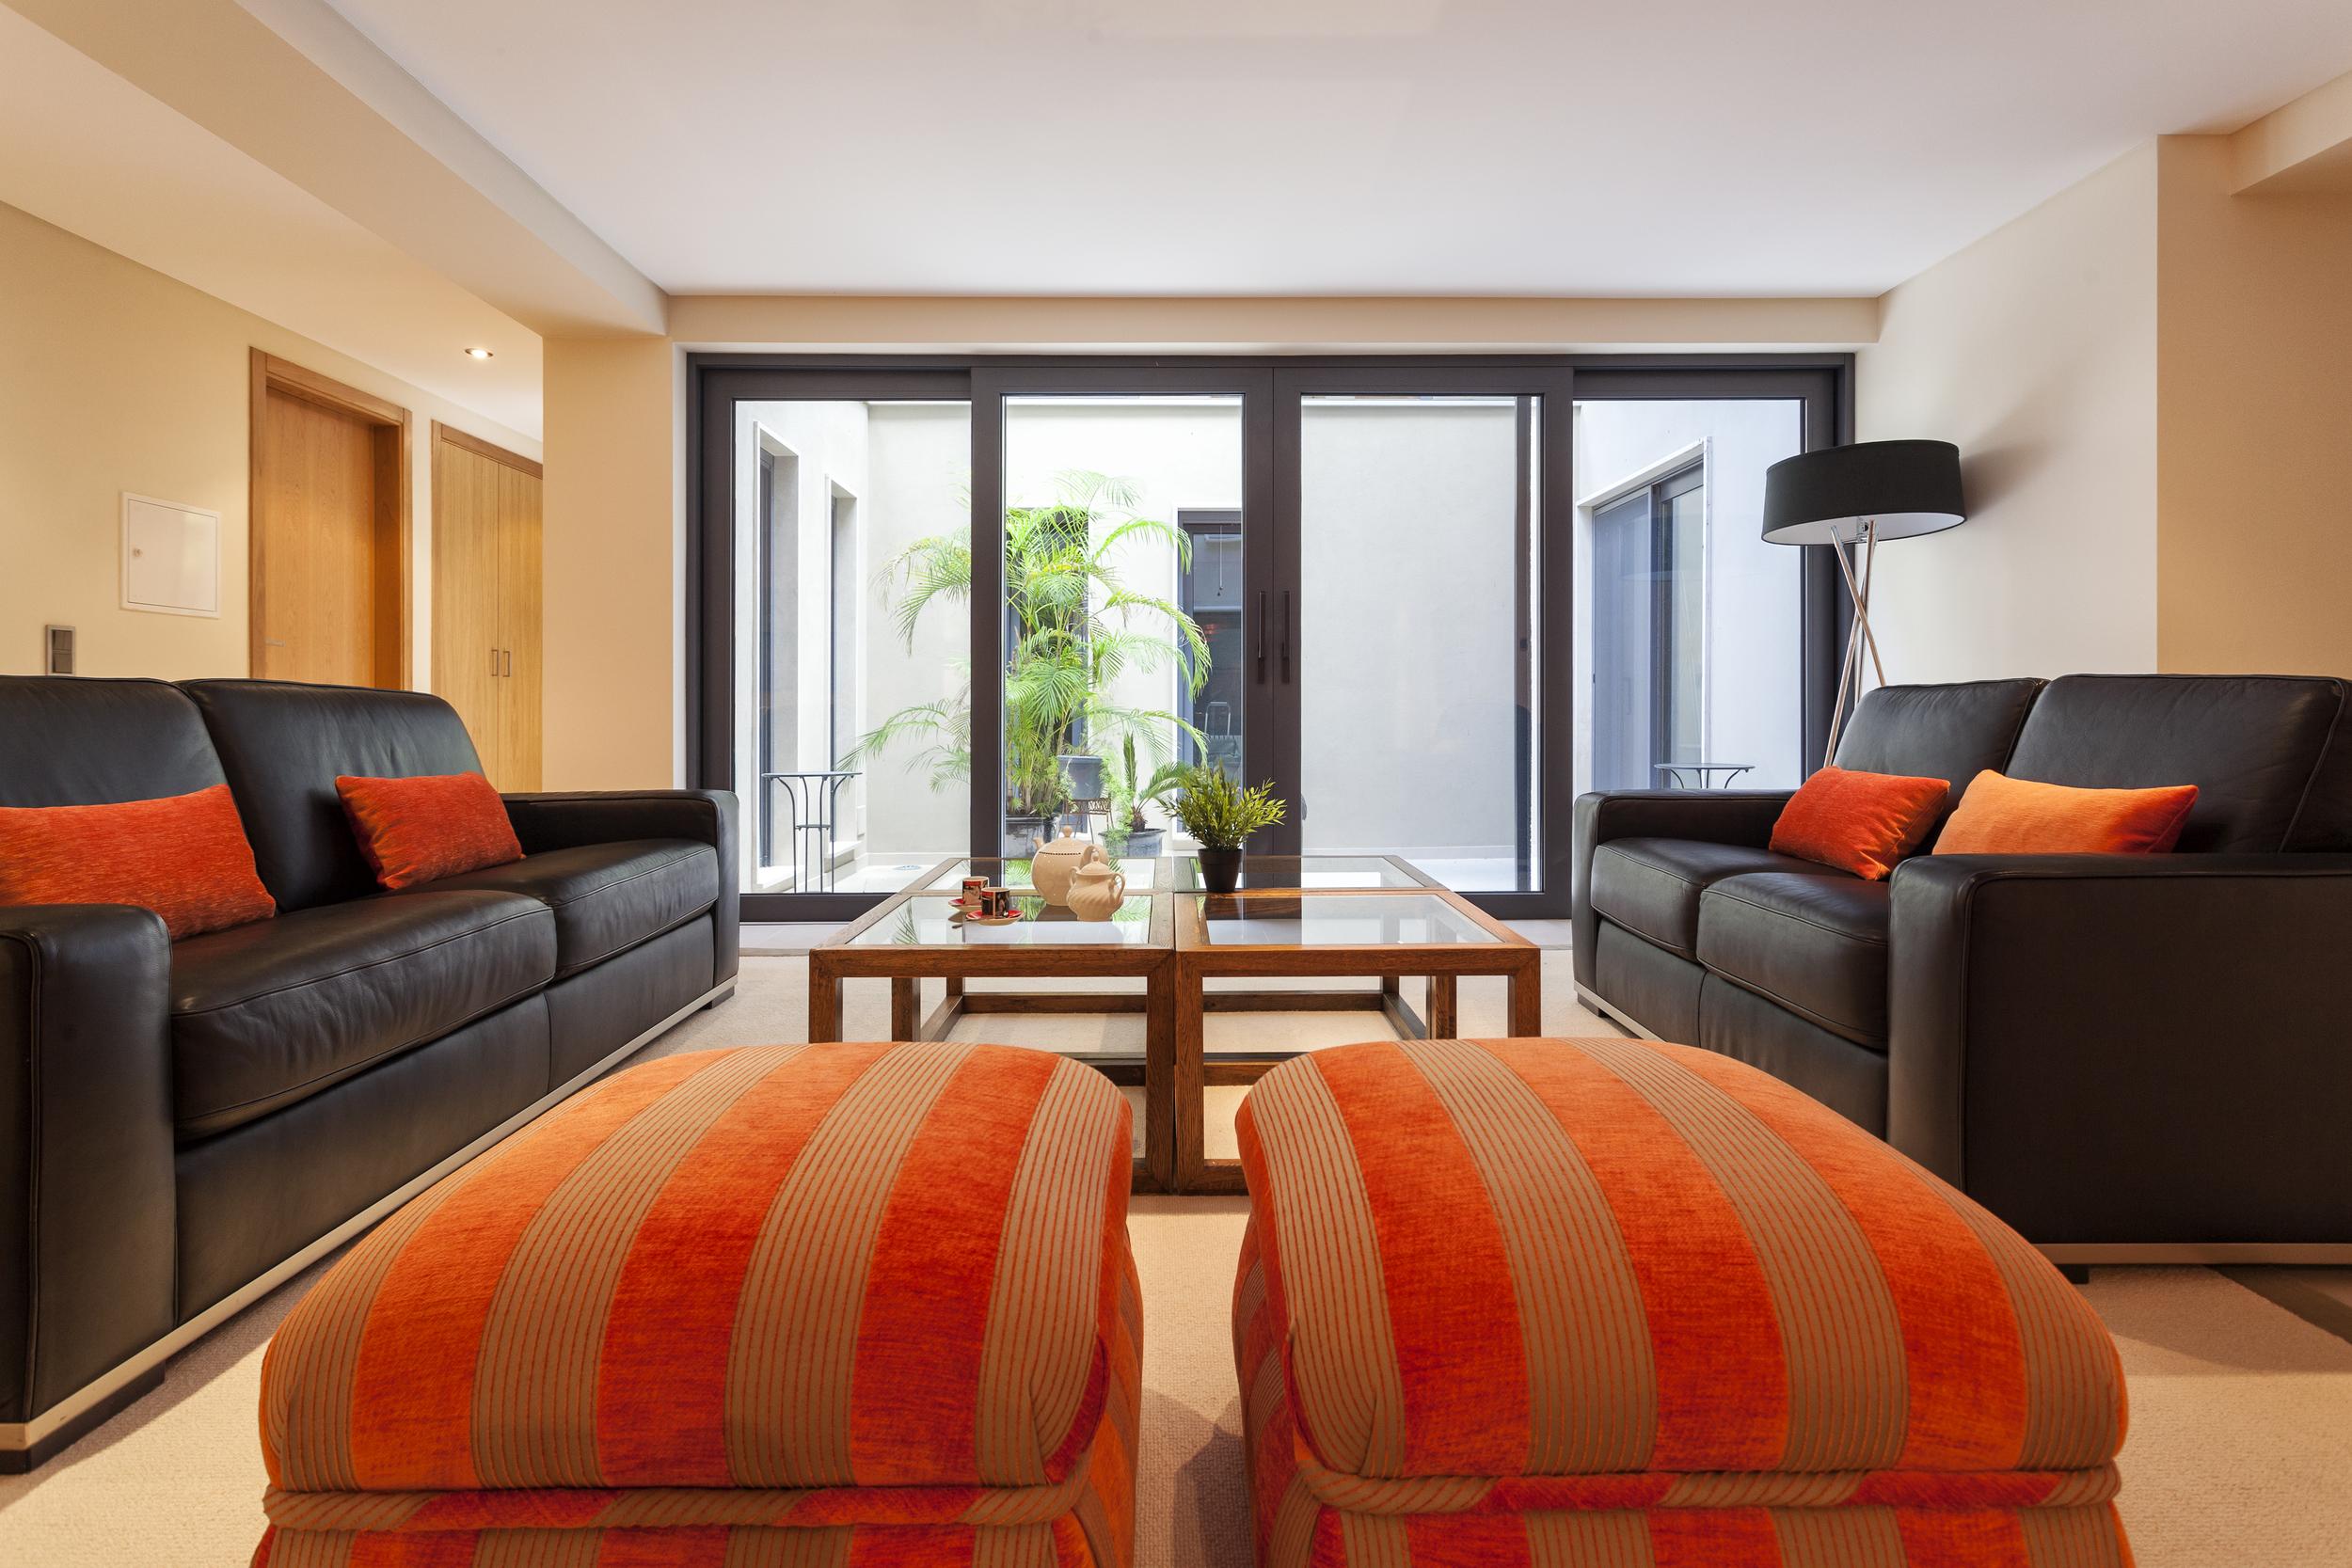 4 bedroom villa to rent in Quinta do Lago, RLV, Villa Serpentine,23.jpg